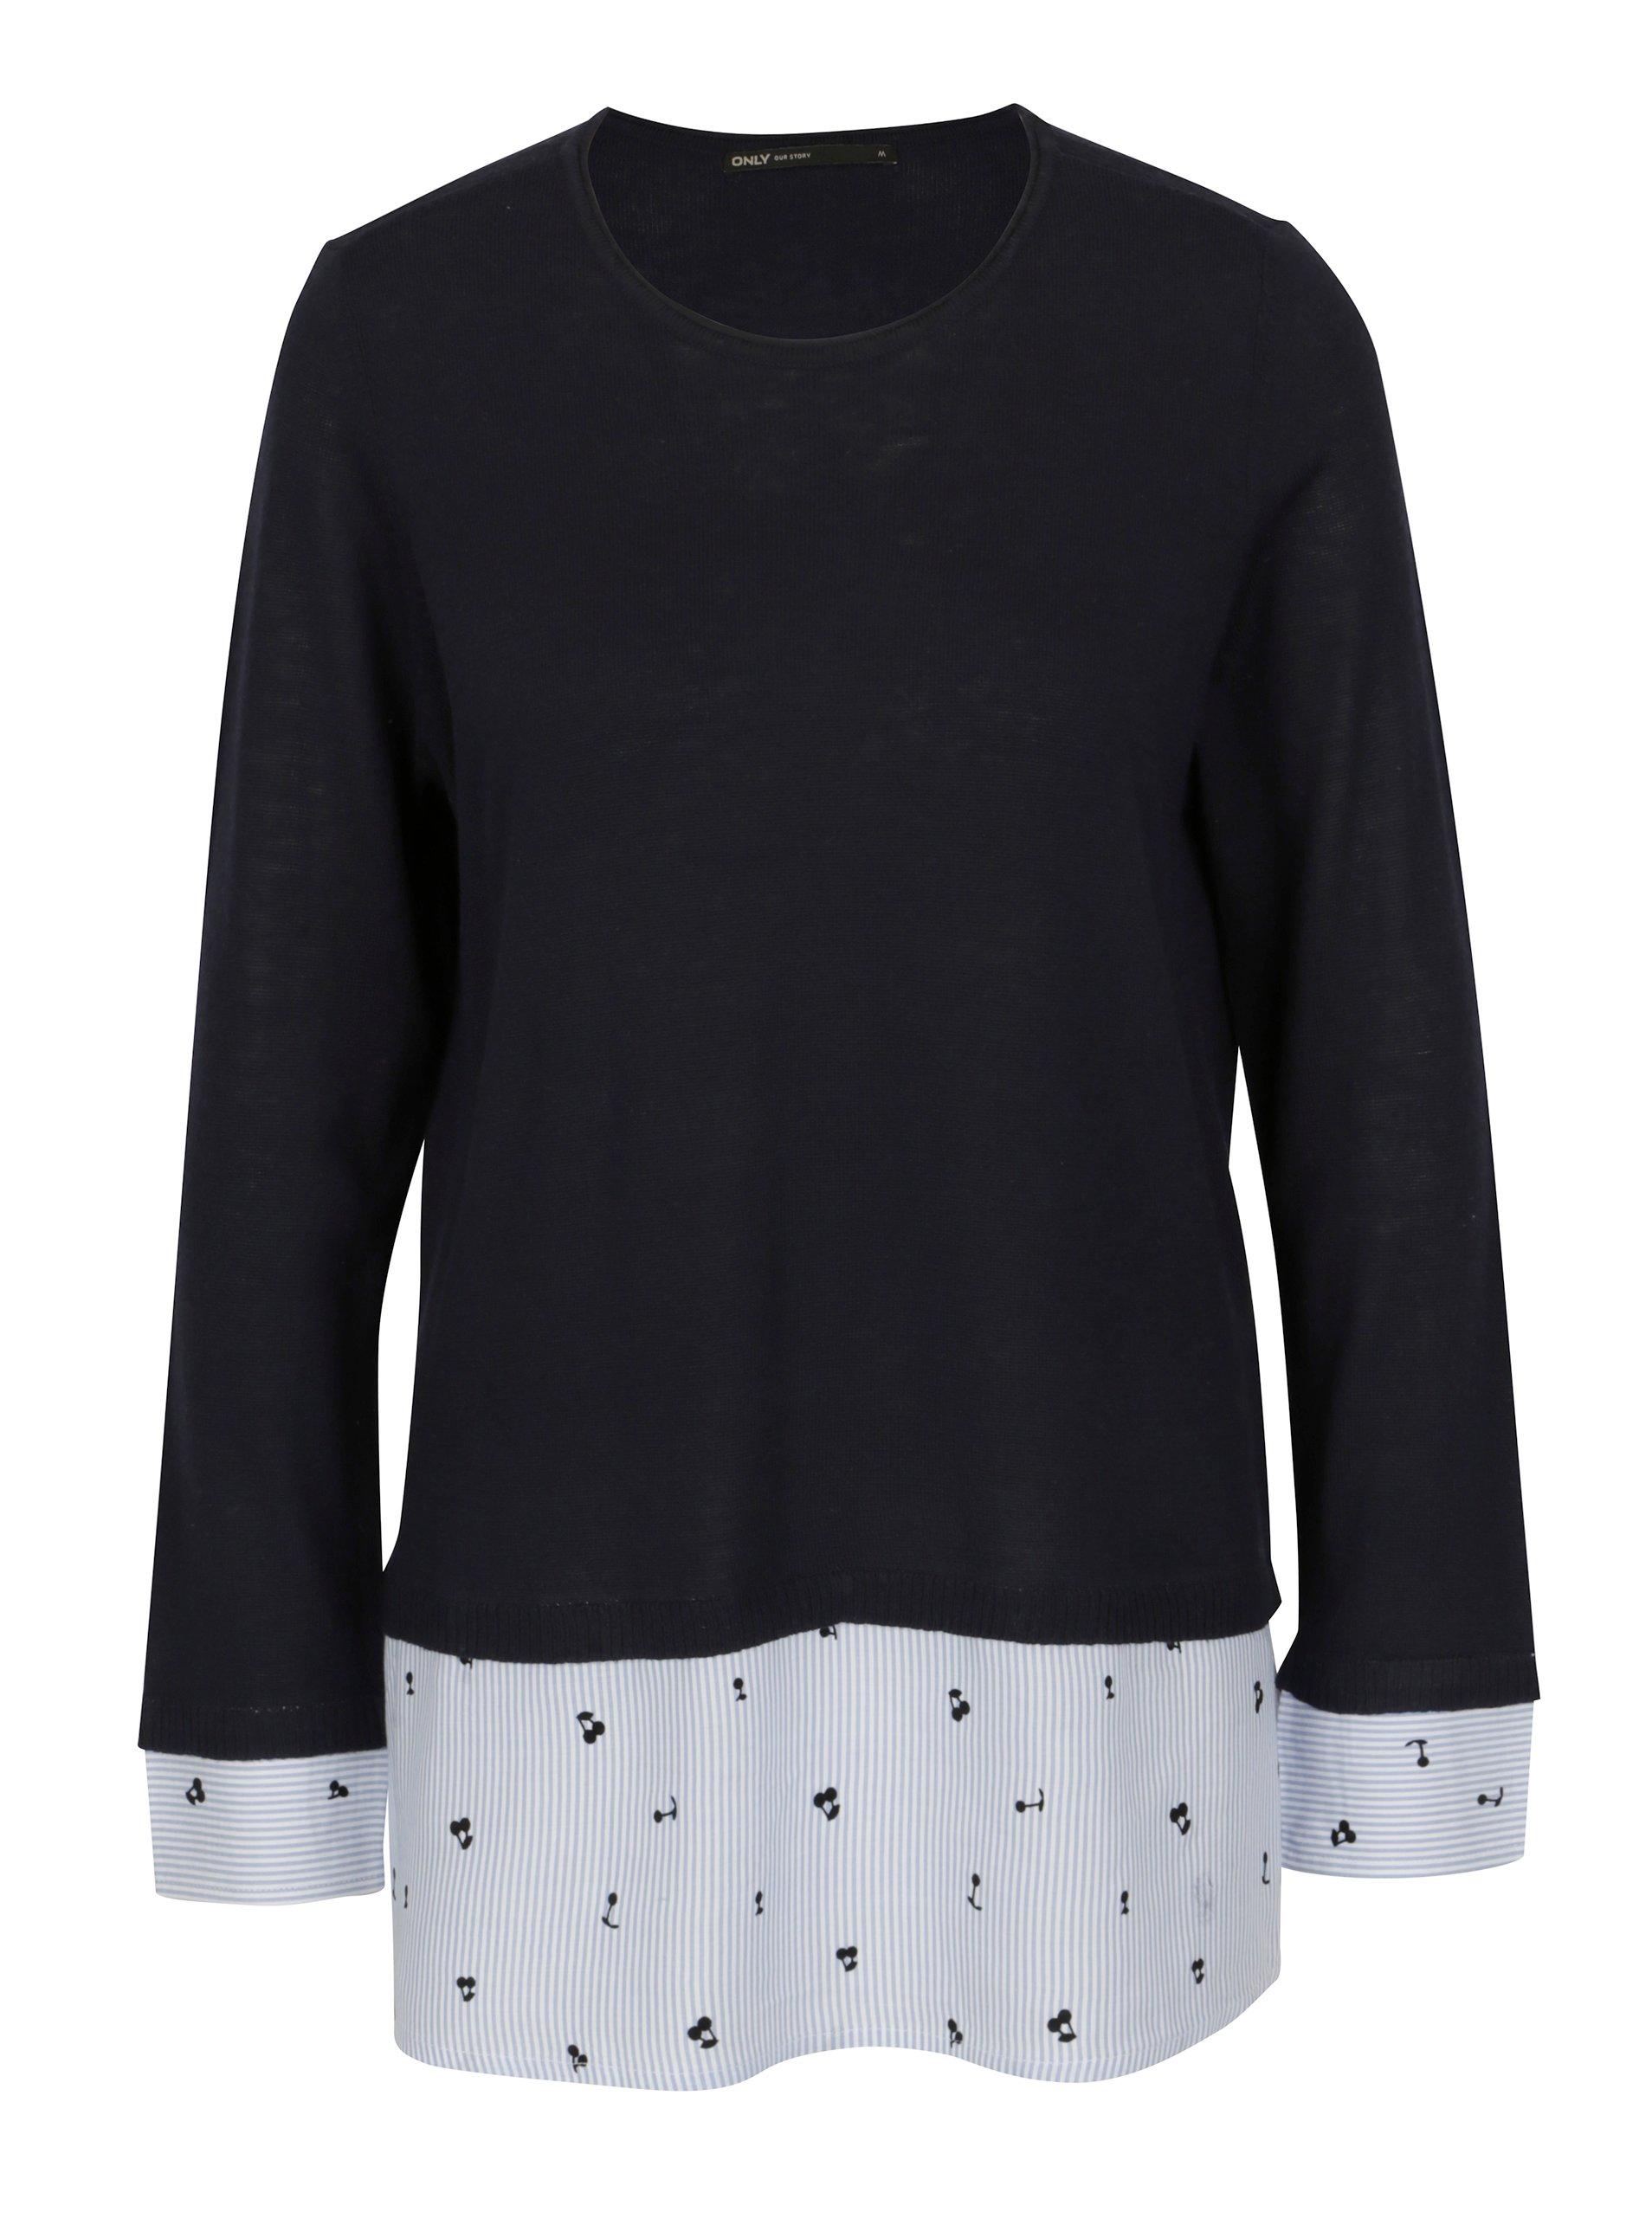 Modrý svetr s všitým košilovým lemem ONLY Acacia